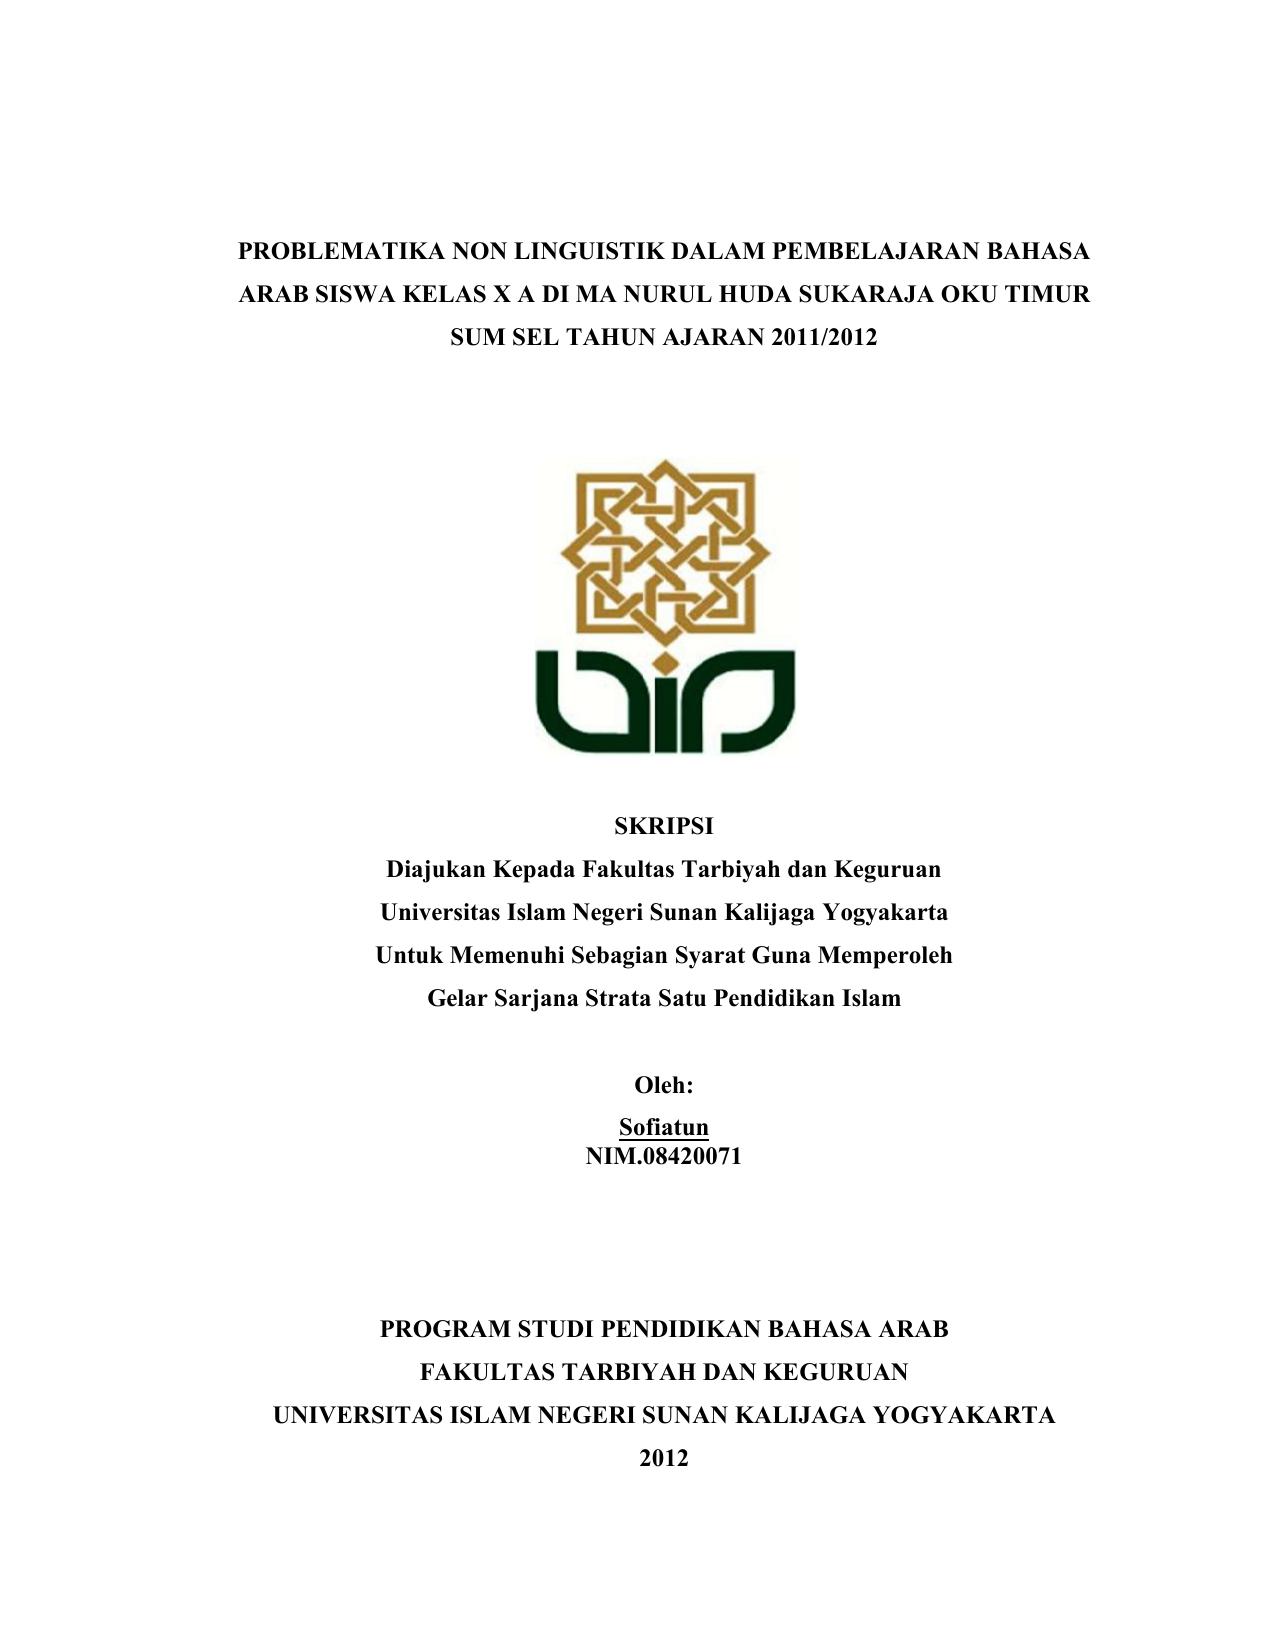 Judul Skripsi Pendidikan Bahasa Arab Kuantitatif Ide Judul Skripsi Universitas